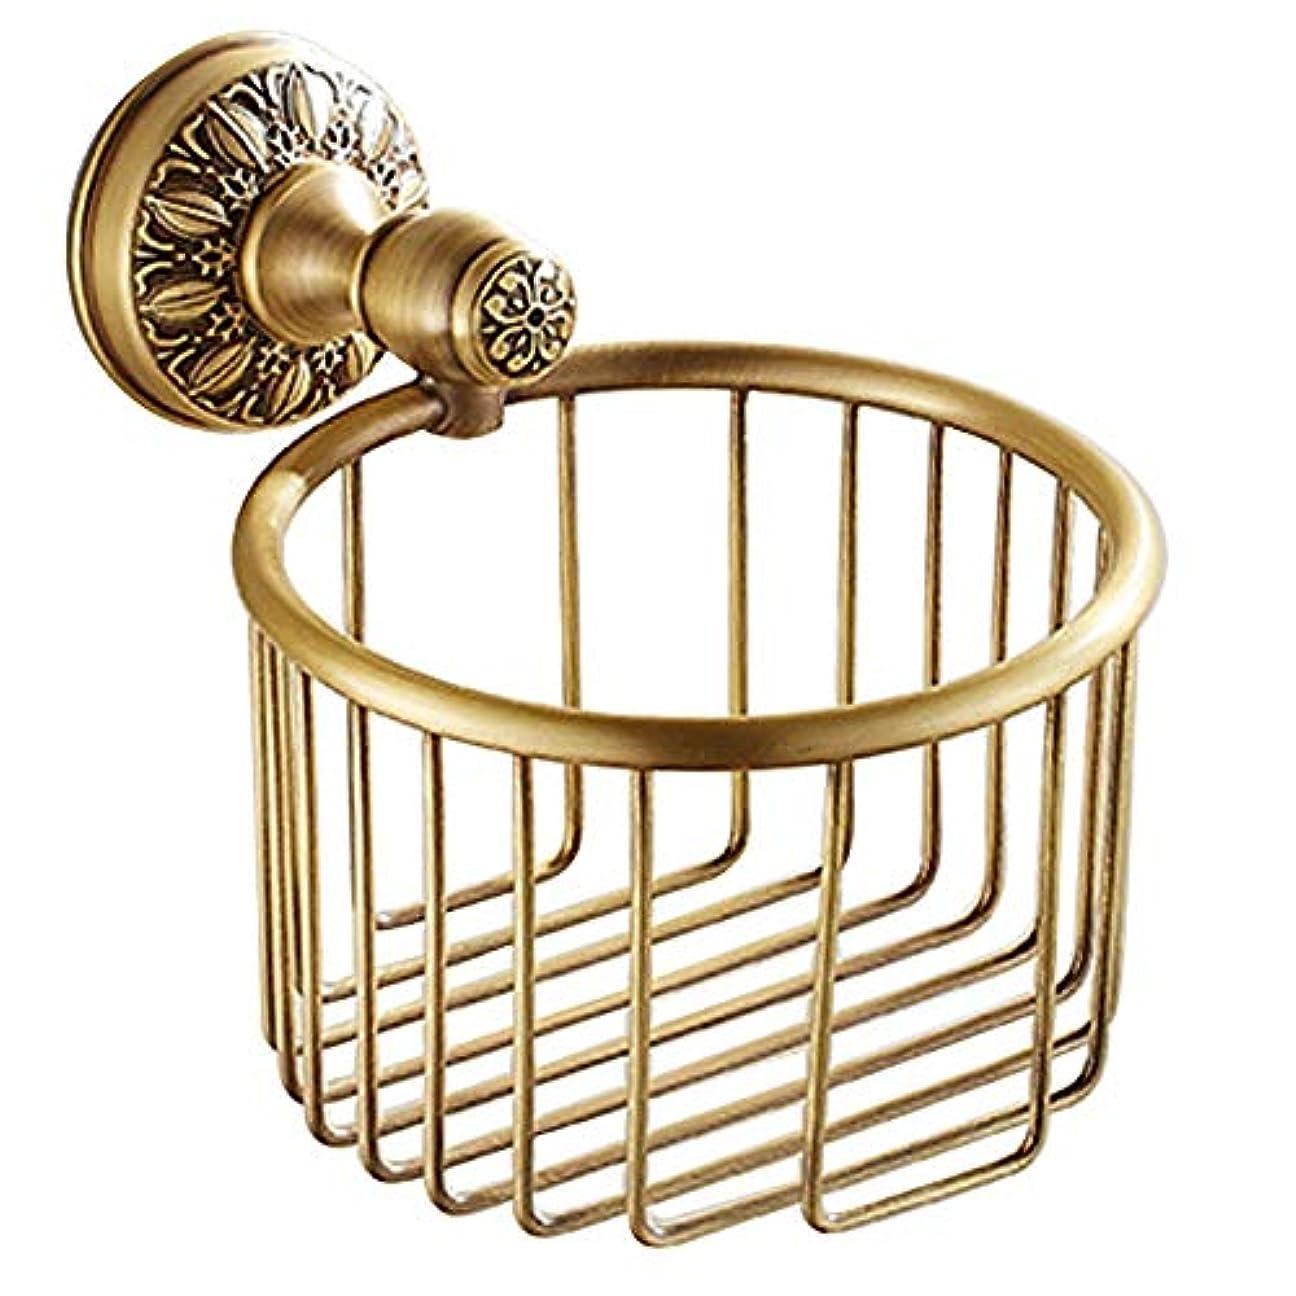 世論調査ポケット城ZZLX 紙タオルホルダー、ヨーロッパスタイルのフル銅模倣アンティークバスルームトイレットペーパータオルホルダー ロングハンドル風呂ブラシ